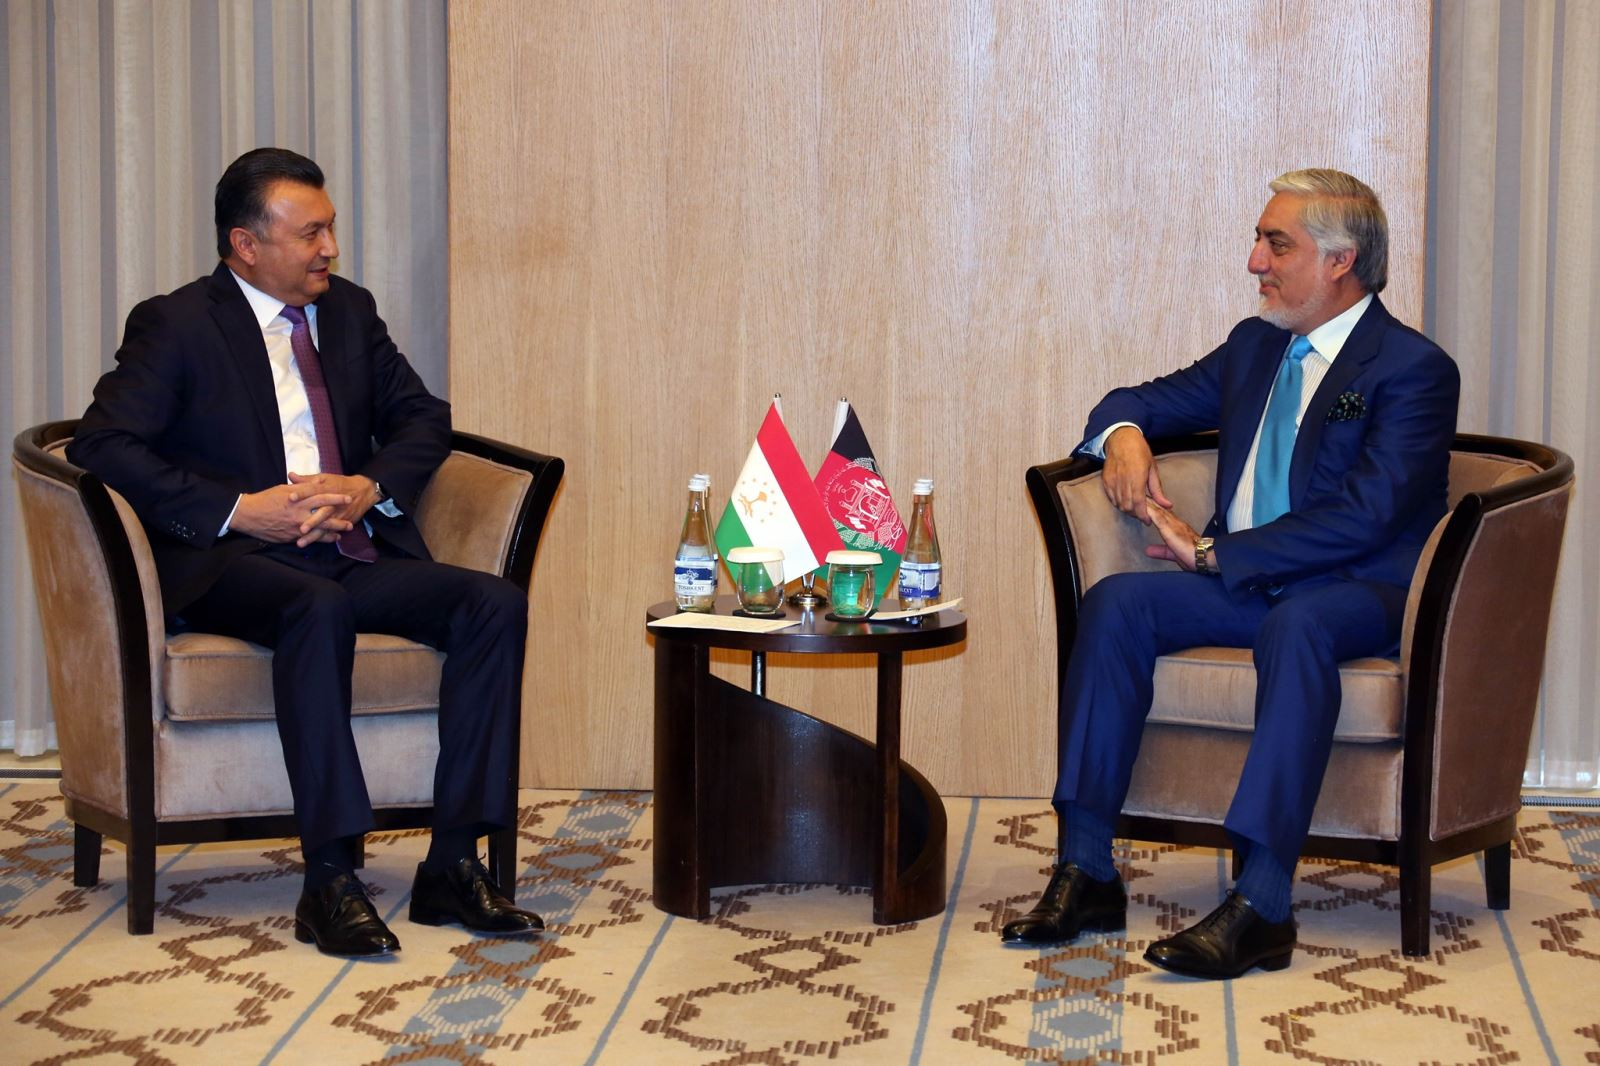 تاجیکستان از دوستان و متحدان استراتیژیک افغانستان است